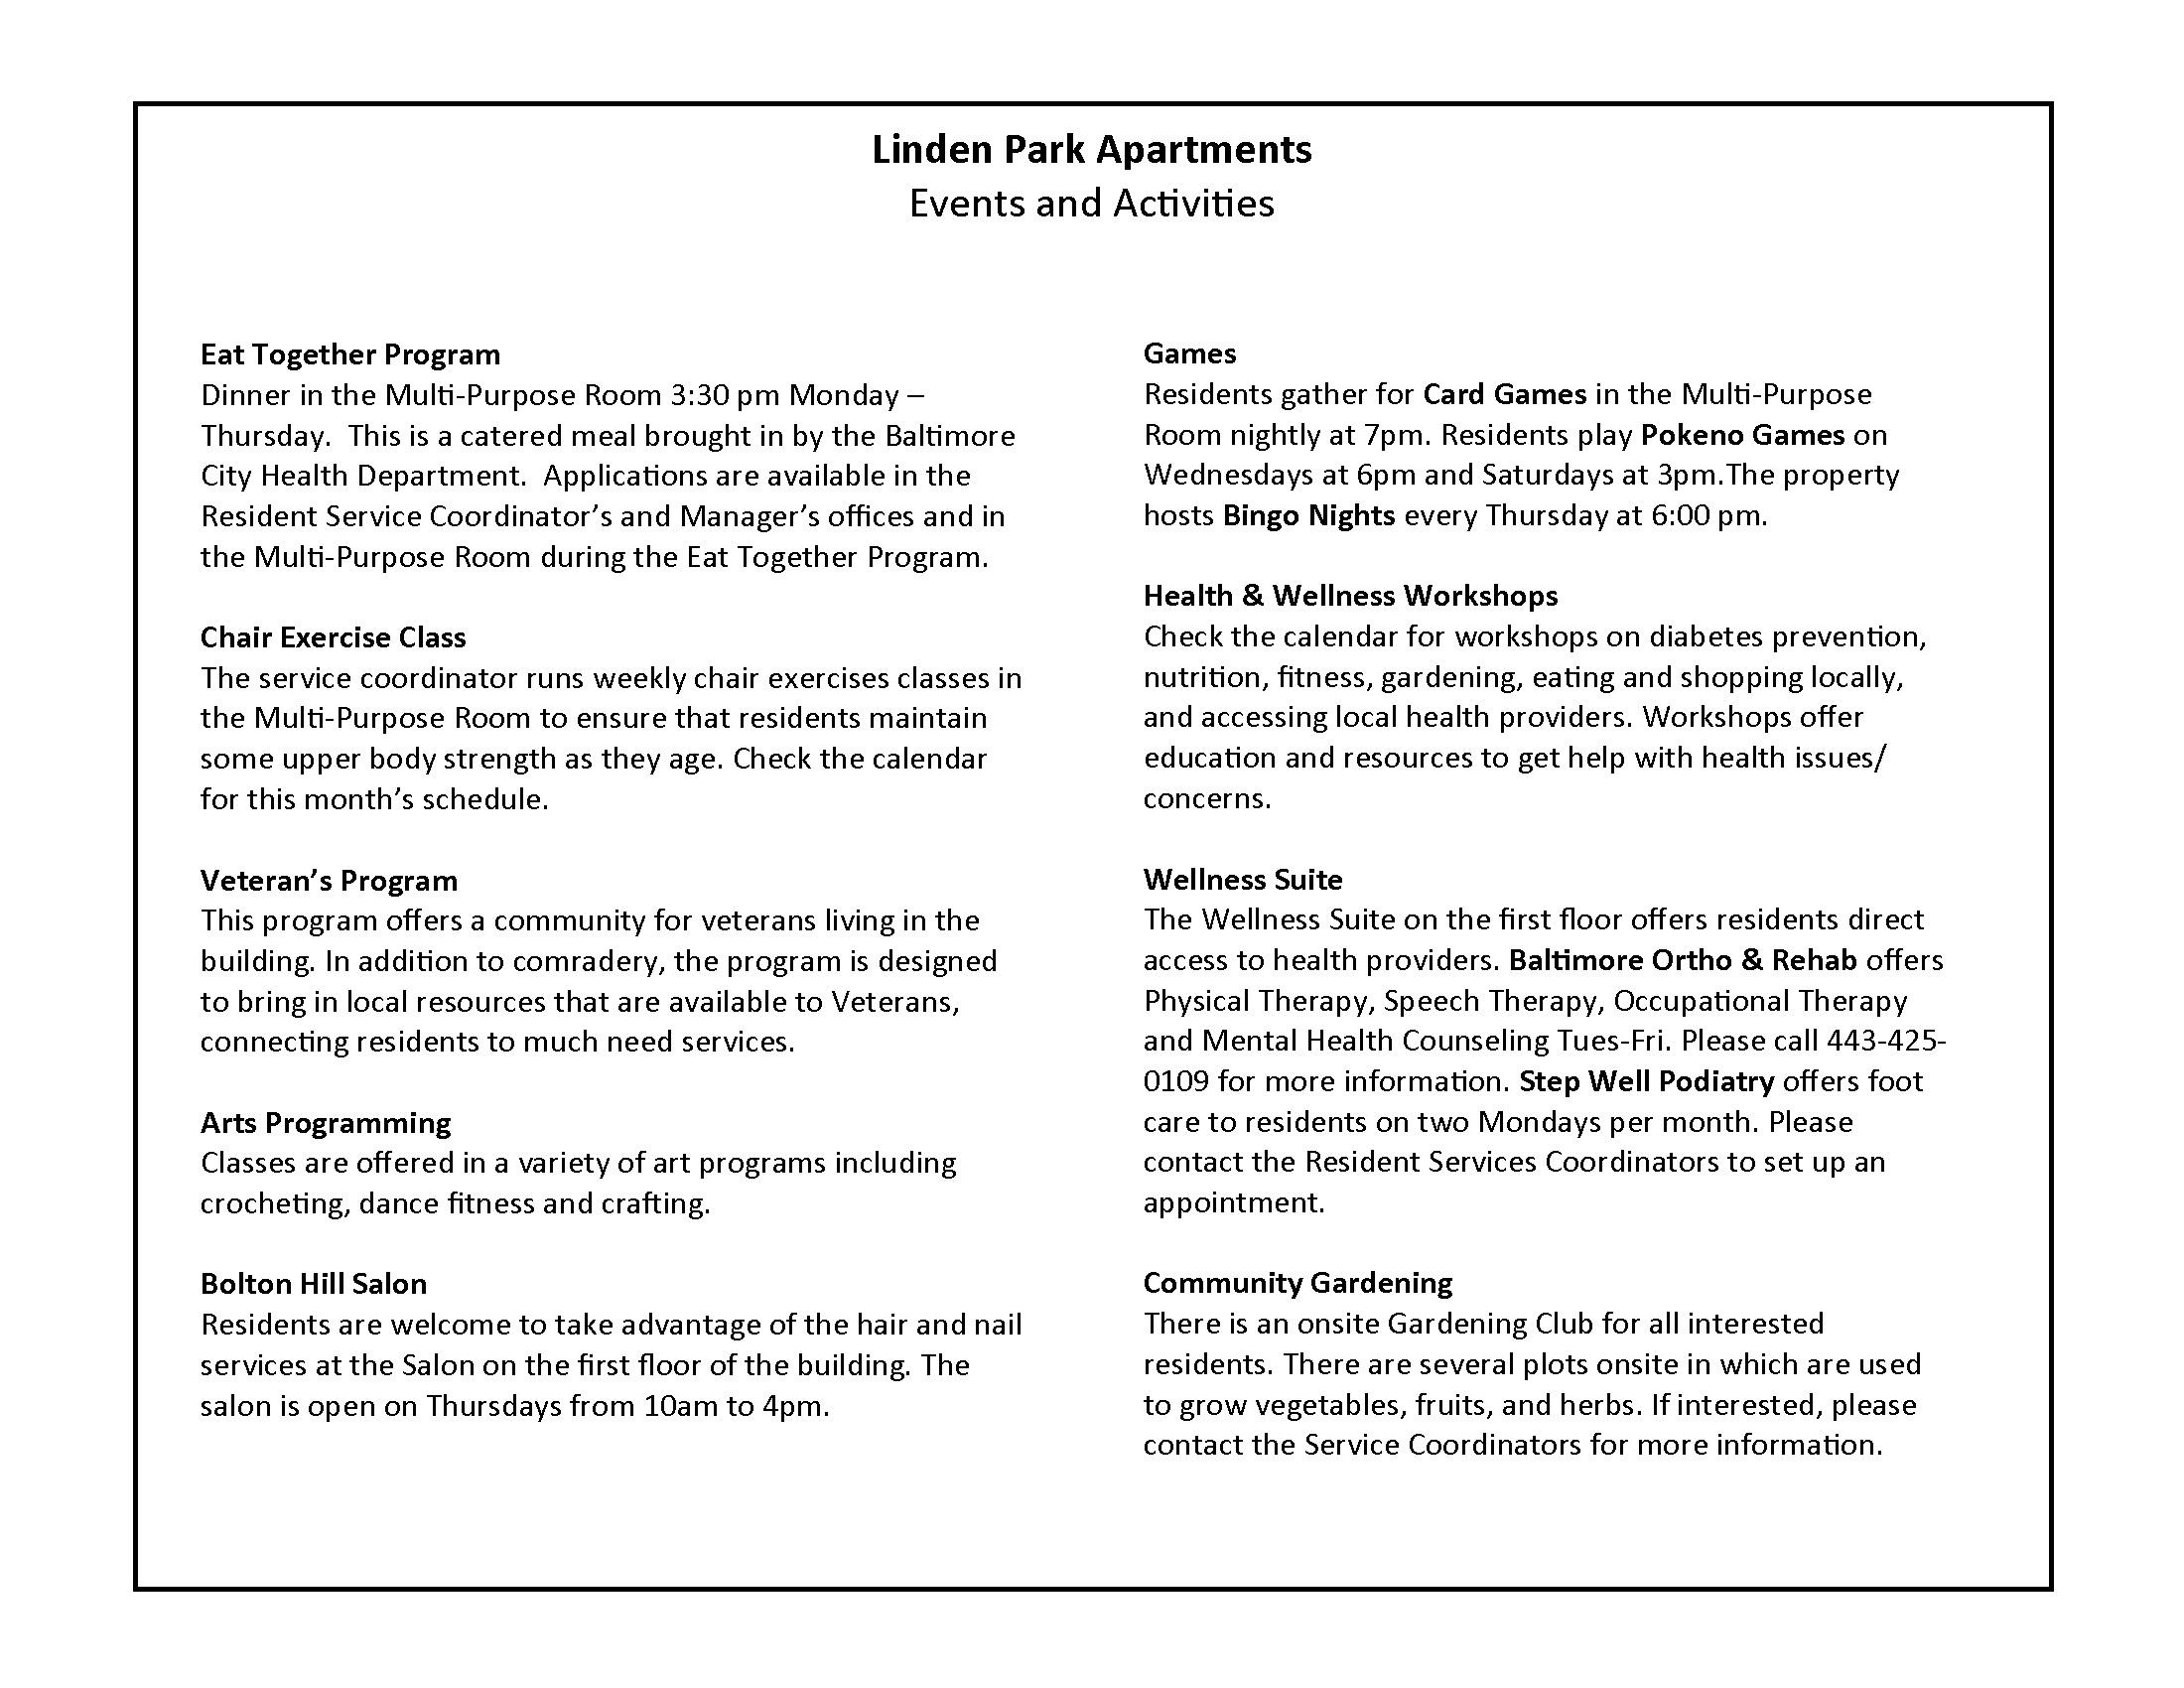 Linden Park Apartments Resident Services Activities Descriptions